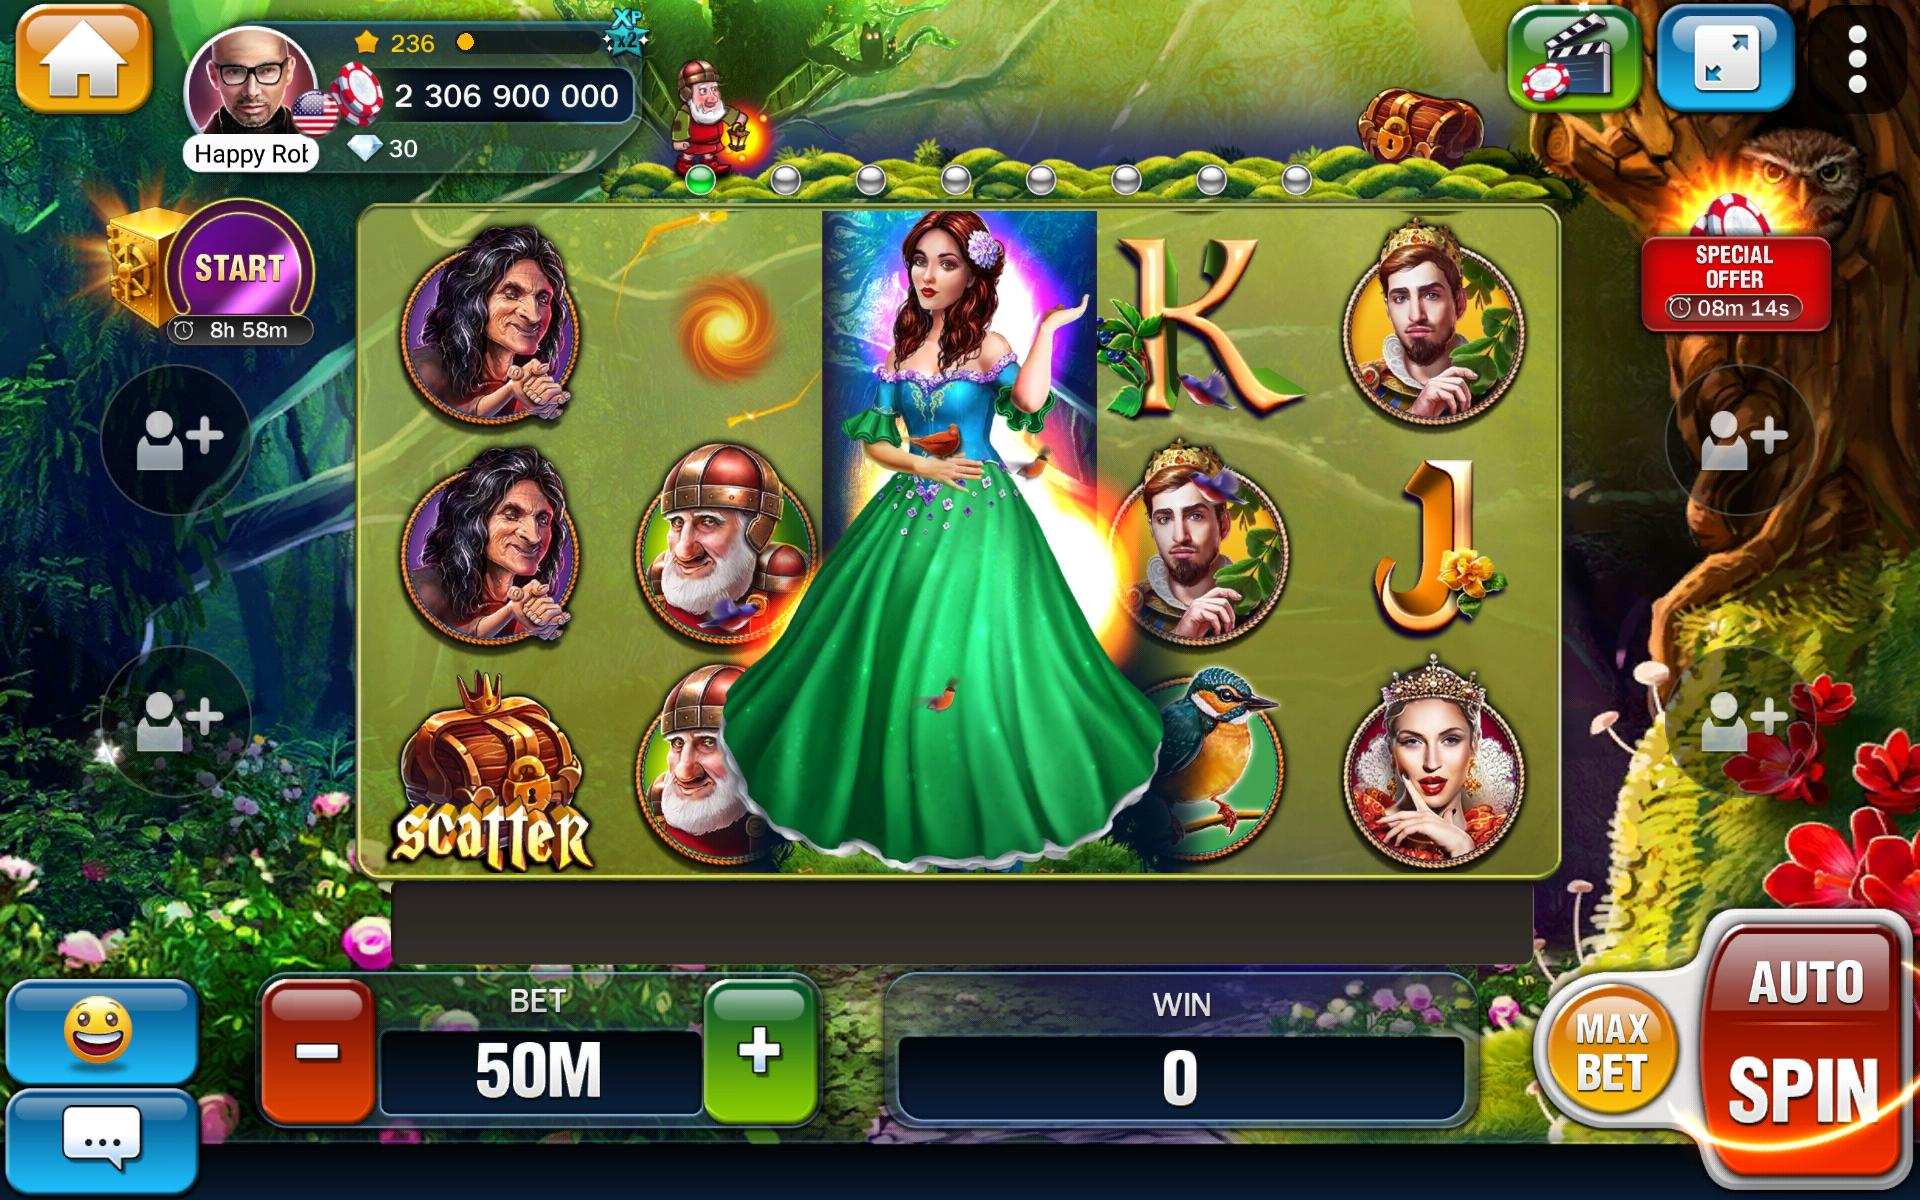 Huuuge Casino Slots - Best Slot Machines 6.1.2700 Screenshot 24